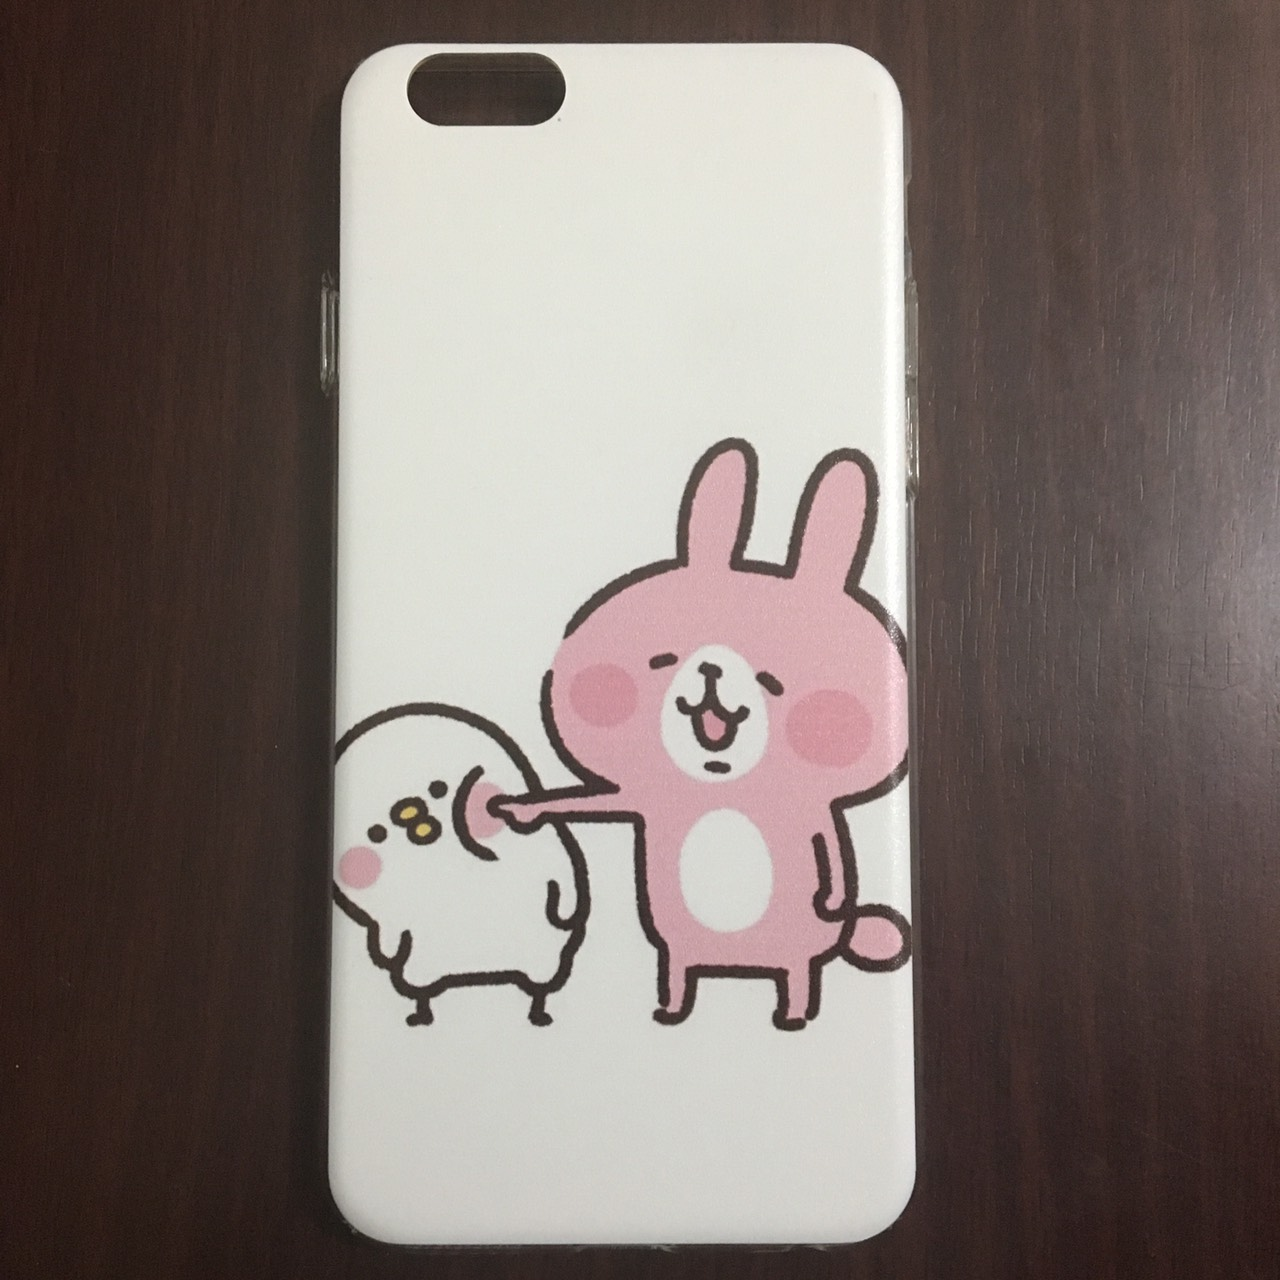 卡娜赫拉 iphone6 手機殼